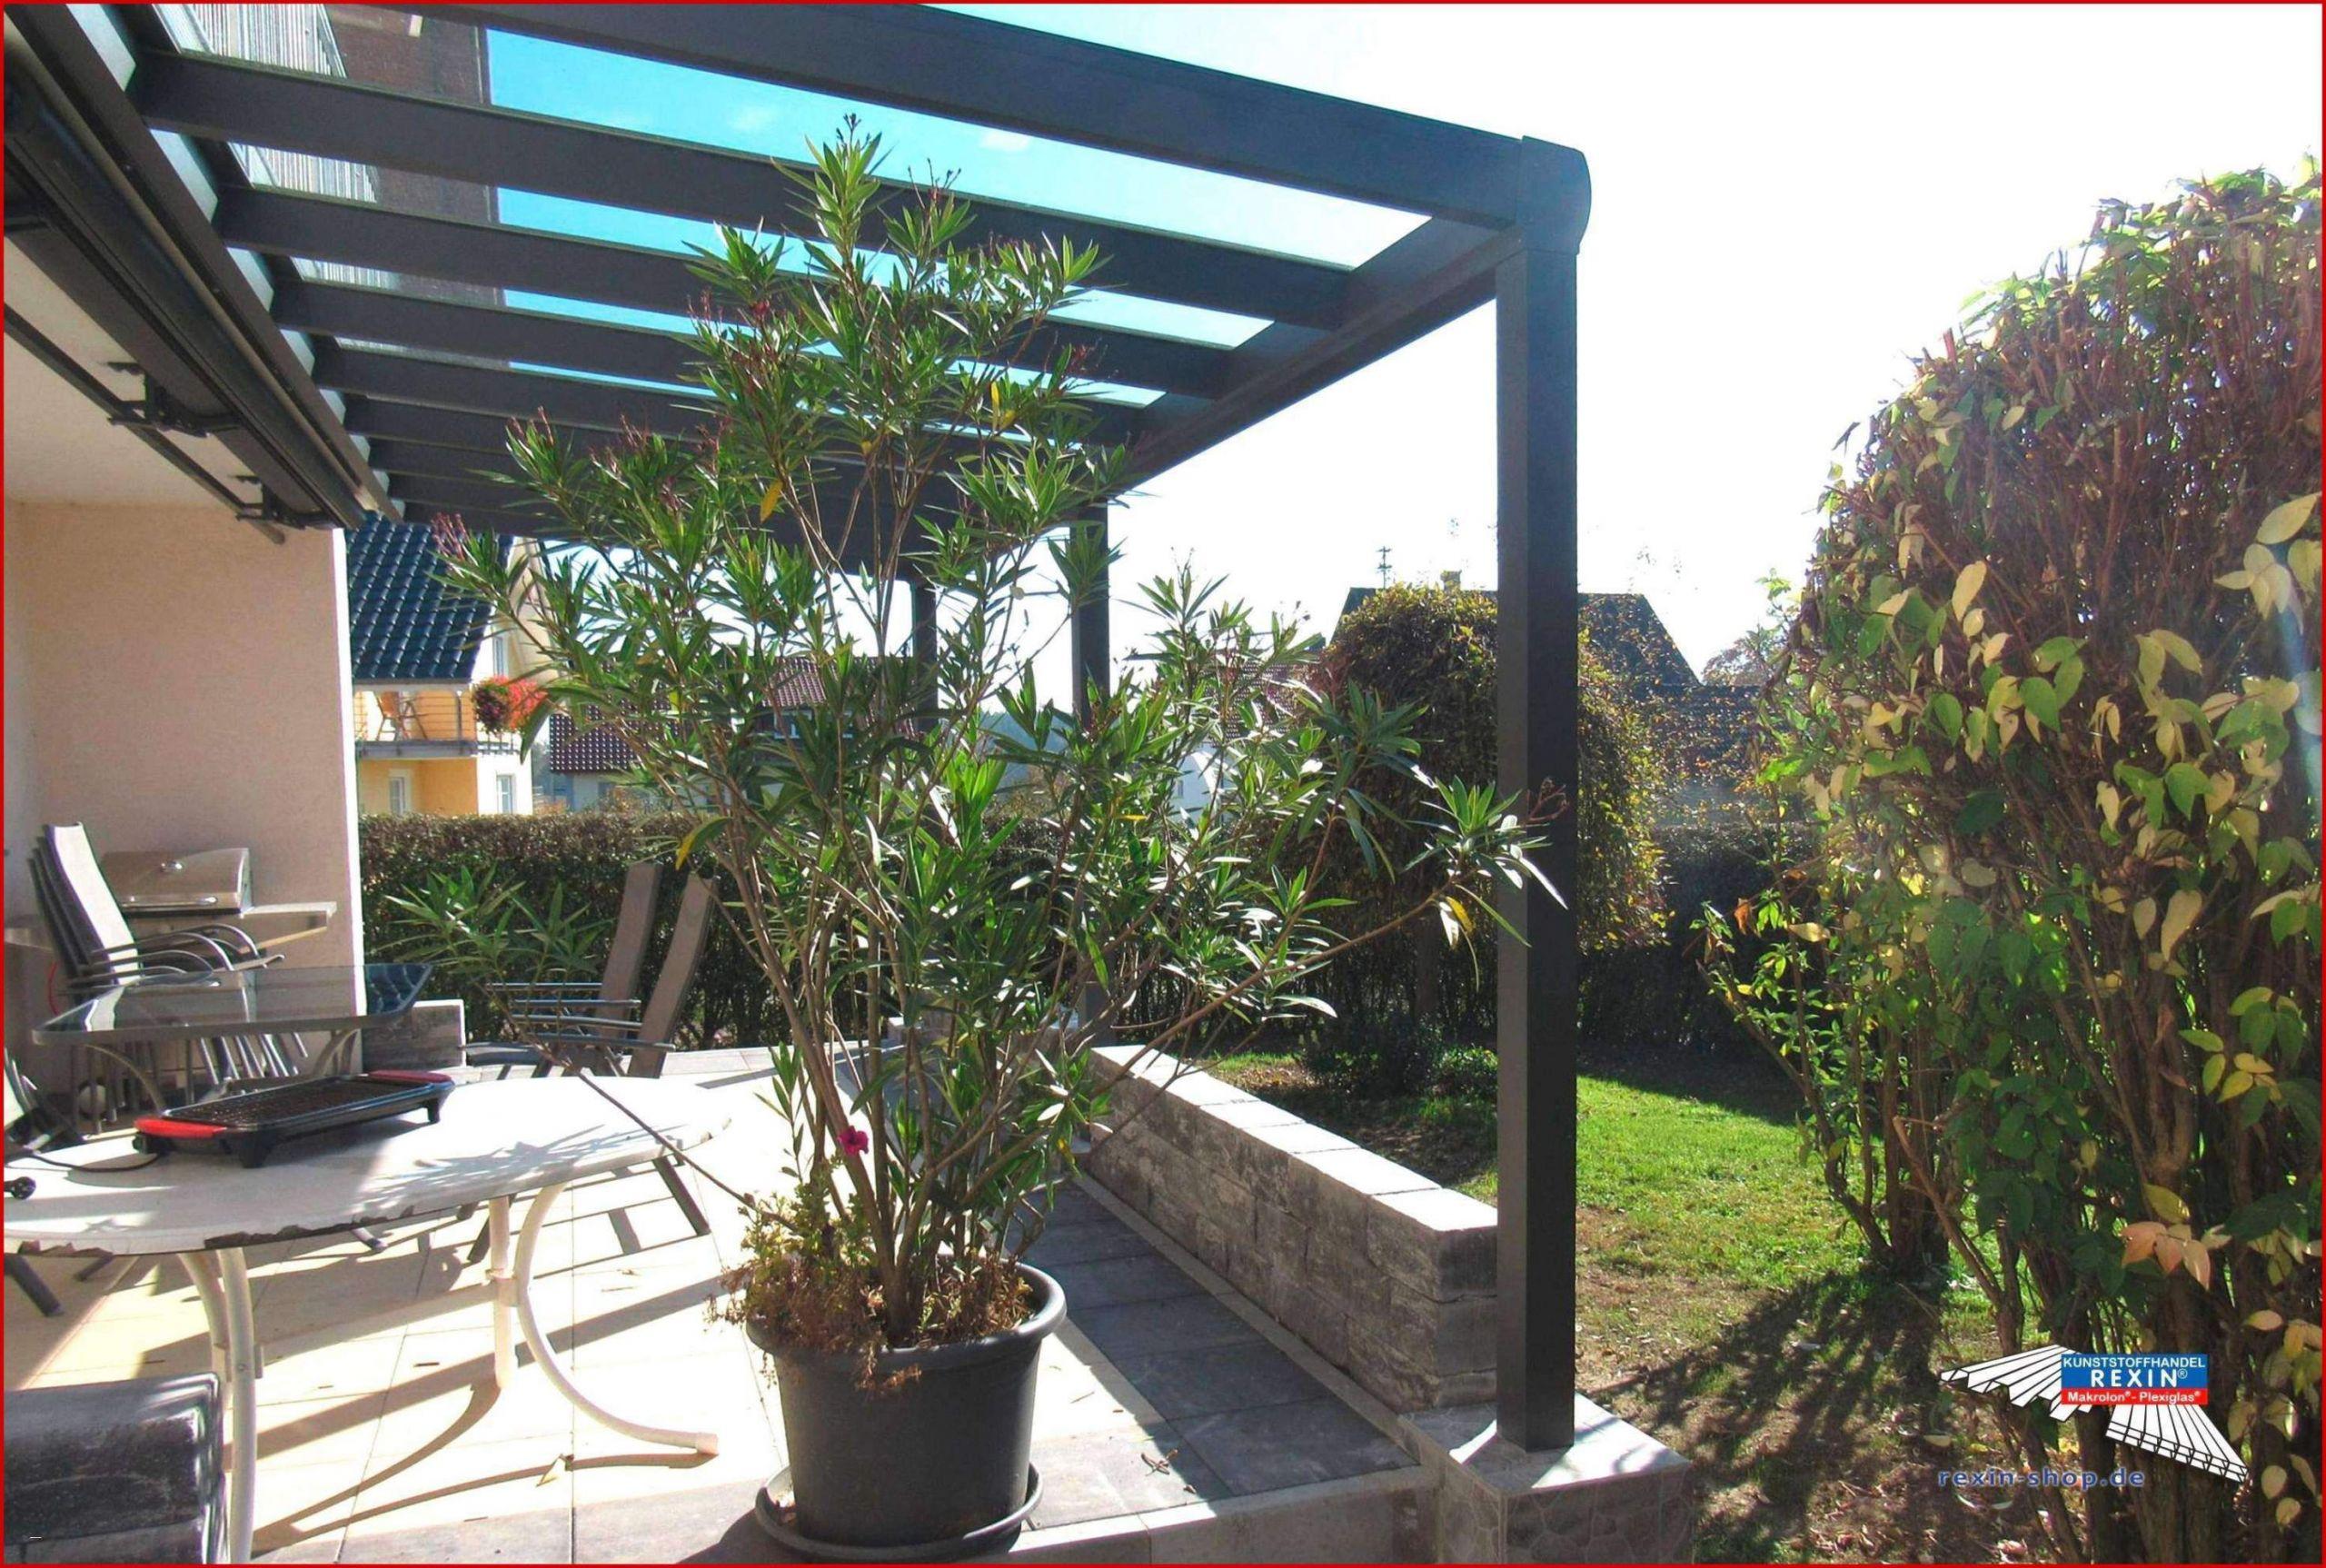 42 frisch pflanzen sichtschutz terrasse kubel bild pflanzen sichtschutz terrasse kubel pflanzen sichtschutz terrasse kubel